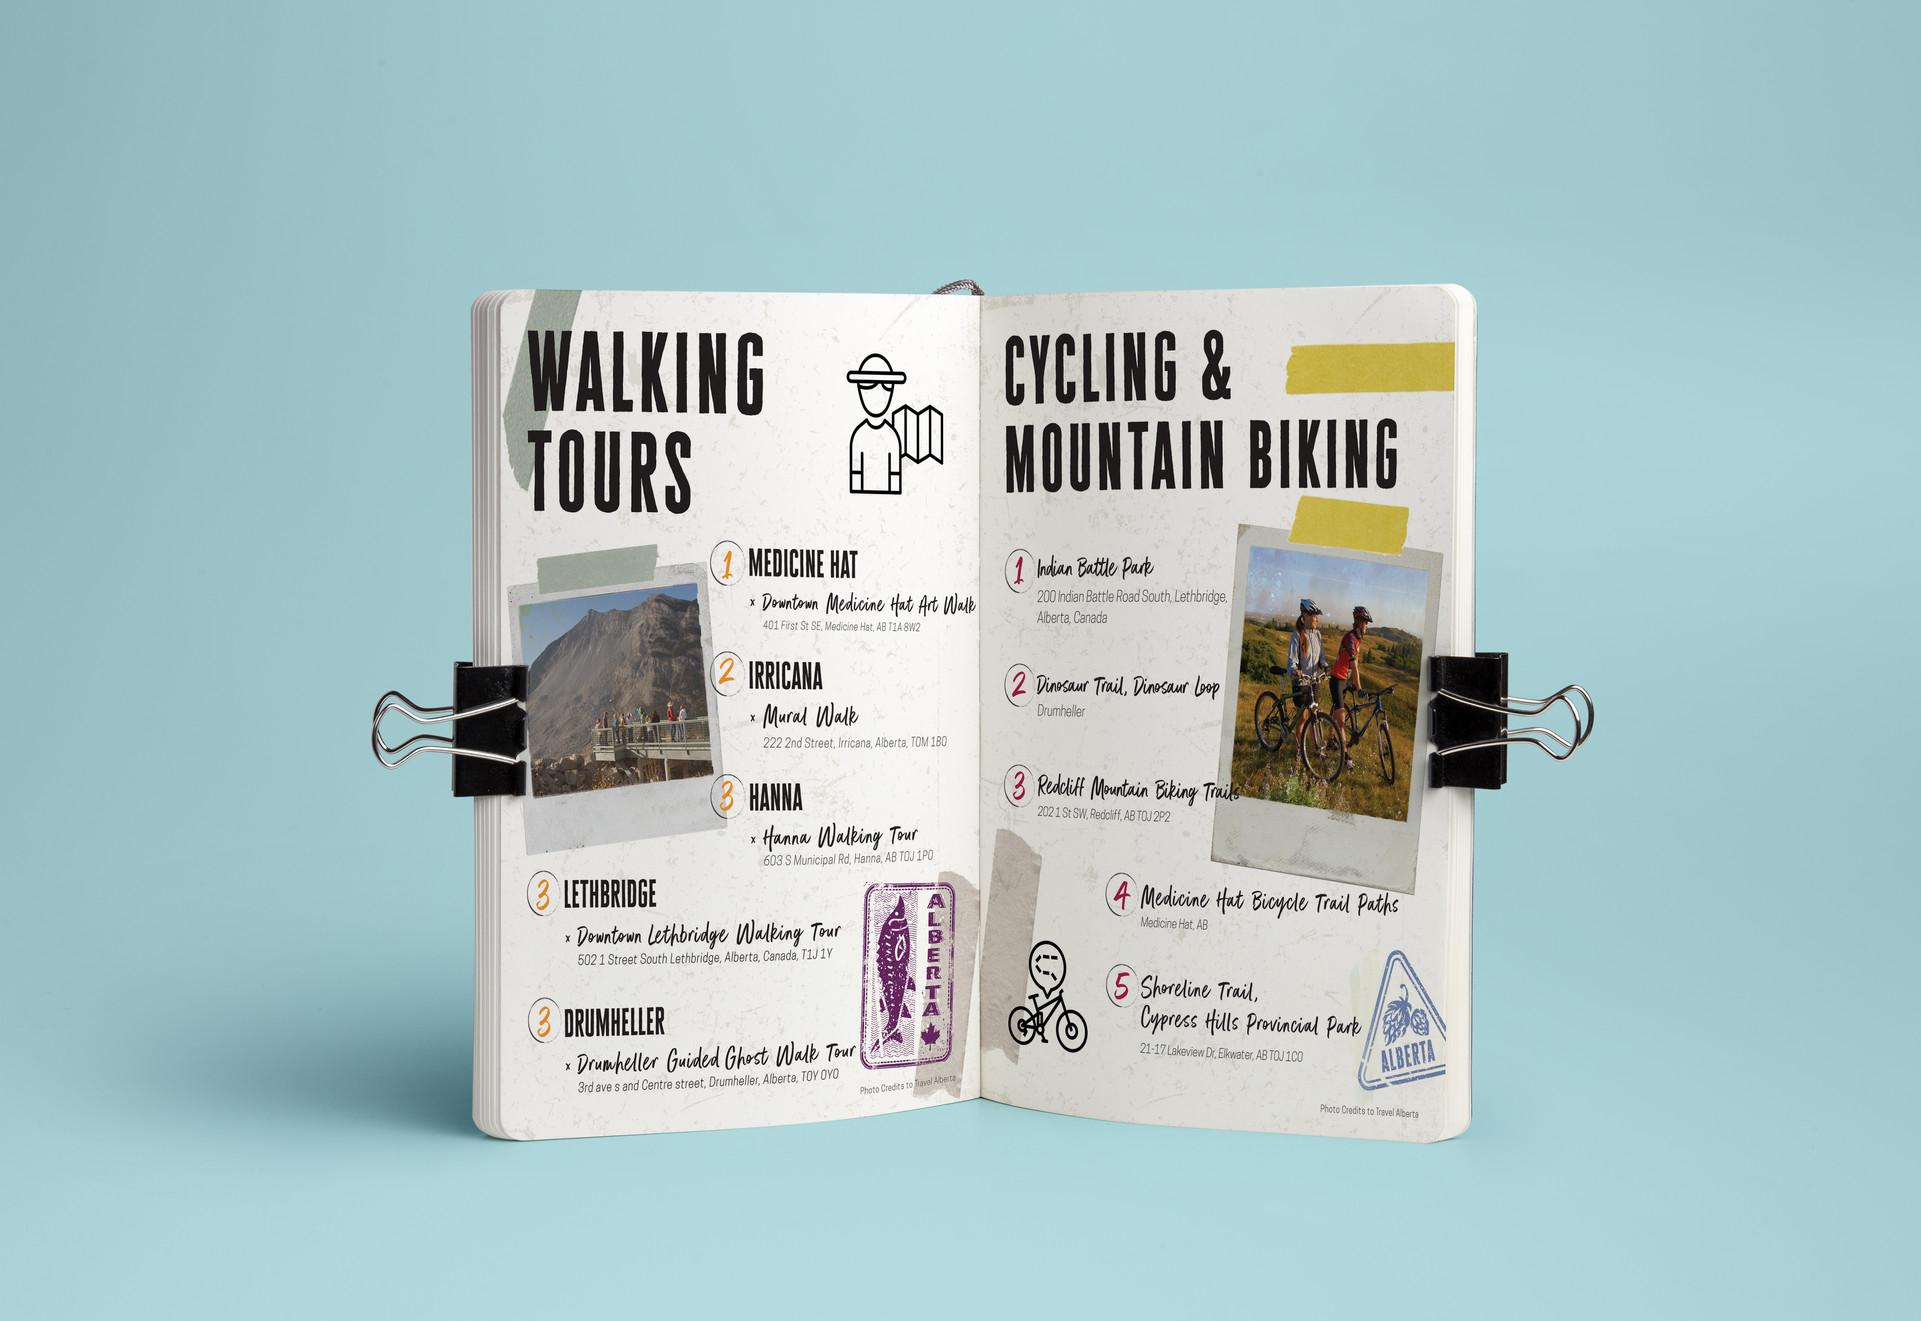 CB WALKING TOURS/CYCLING